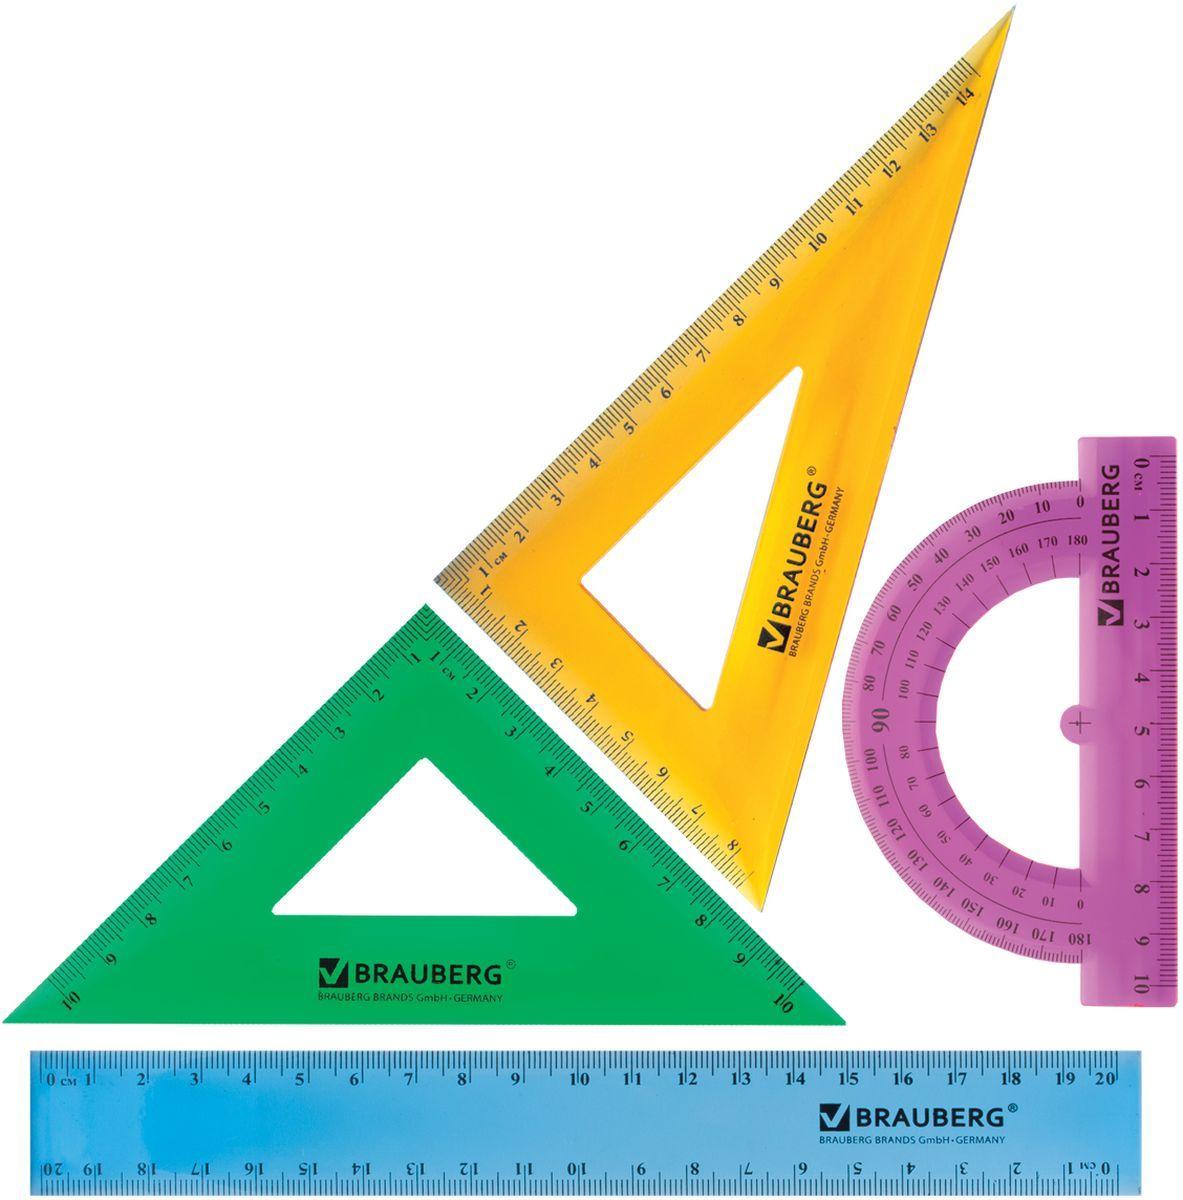 Brauberg Набор чертежный Сrystal 210296FS-36054Набор геометрический Brauberg Сrystal из яркого, прочного пластика толщиной 1,6 - 2 мм. Предназначен для чертёжных работ.Набор включает в себя четыре предмета: линейка со шкалами 20 см/20 см, треугольник с углами 30°/60° и шкалами 14,5 см/8,5 см, треугольник с углами 45°/45° и шкалами 10 см/10 см, транспортир 180°.